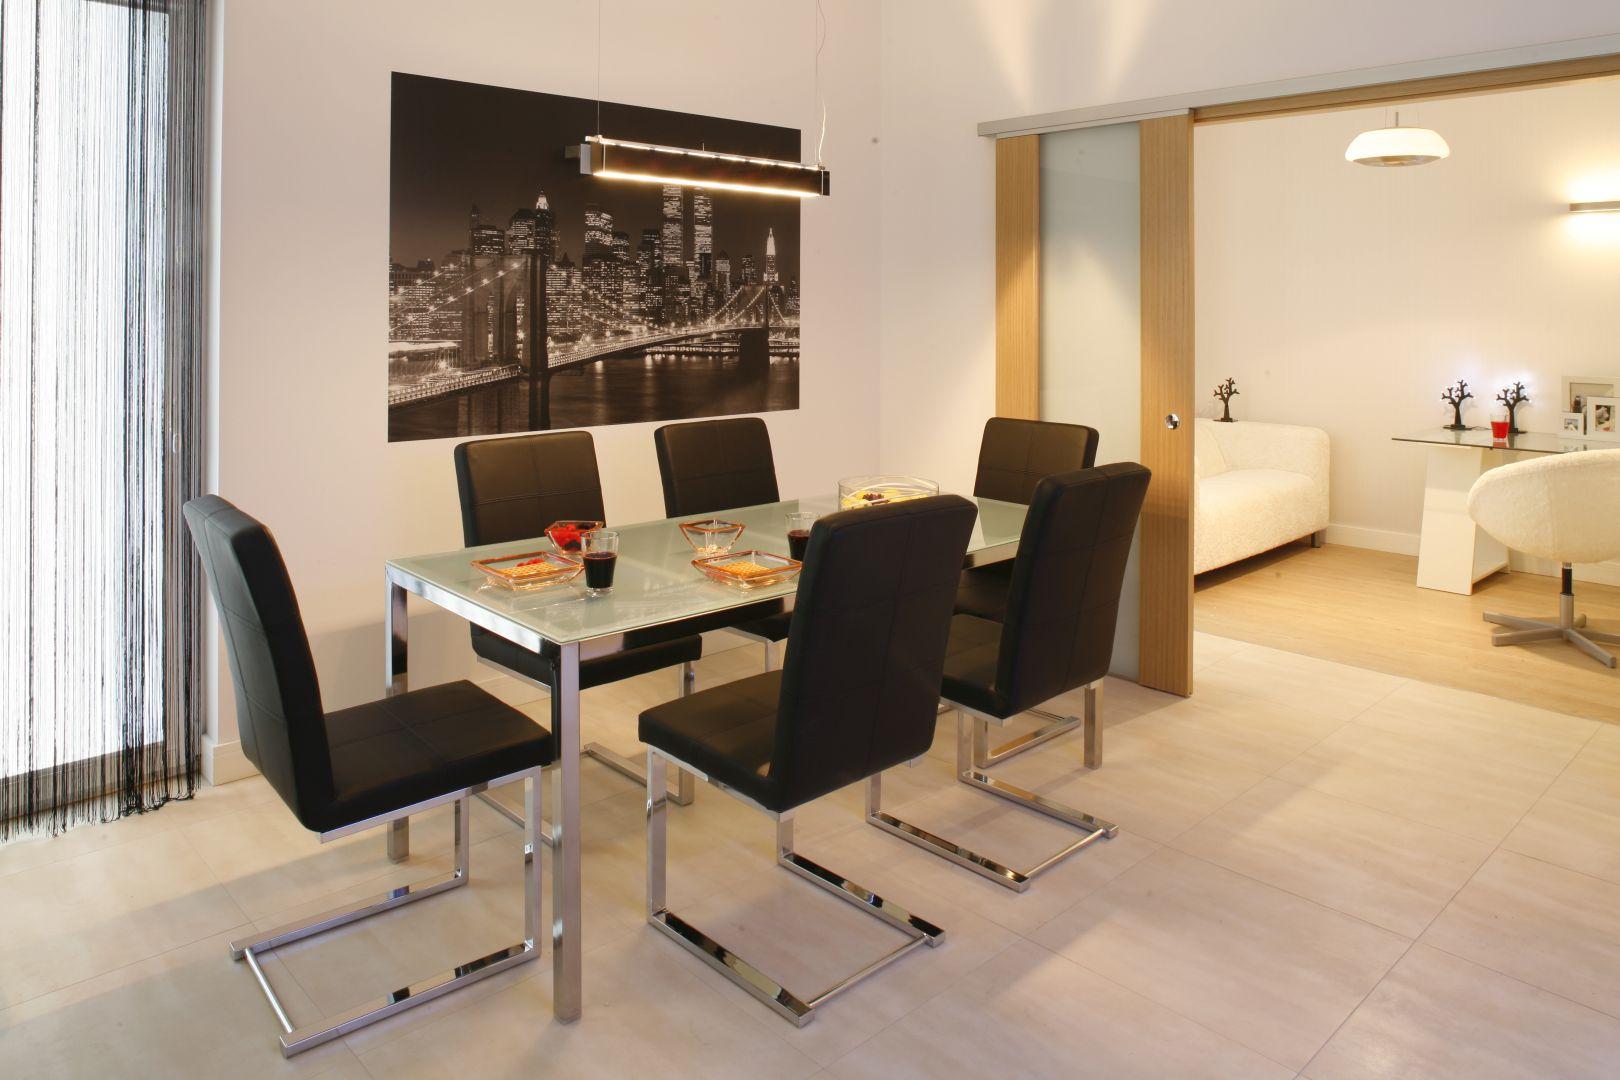 Prostokątny stół ze szklanym blatem na chromowanych nogach zestawiono z tapicerowanymi krzesłami z wysokim oparciem. Projekt: Patrycja Grych. Fot. Bartosz Jarosz